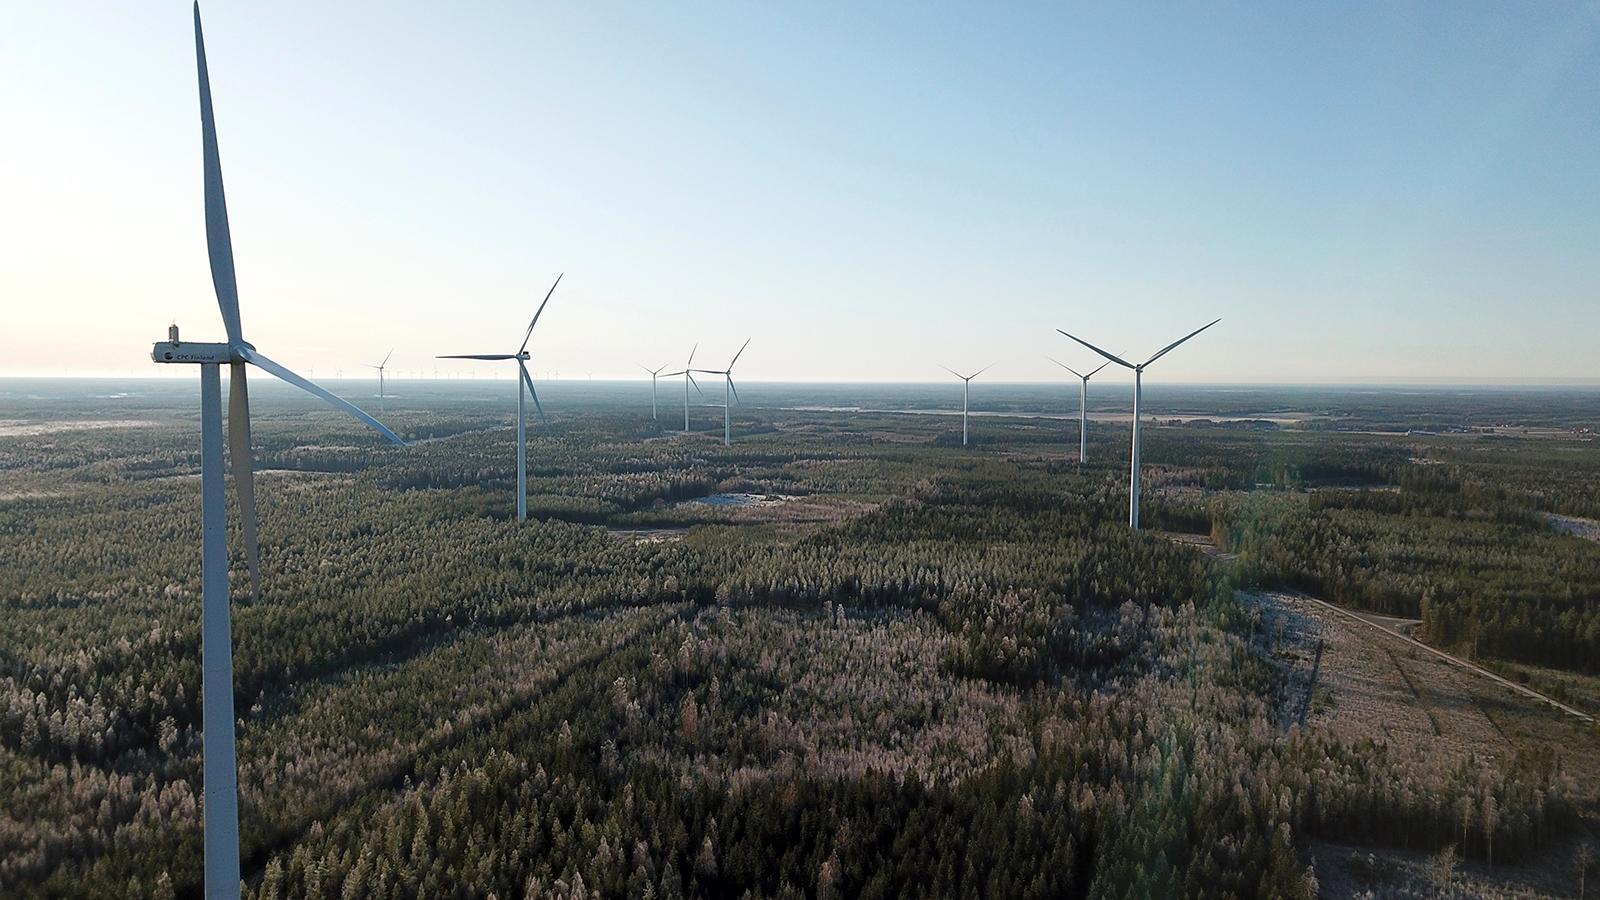 Kuva - Helen, CPC Finland Oy, Lakiakangas 3 tuulipuisto